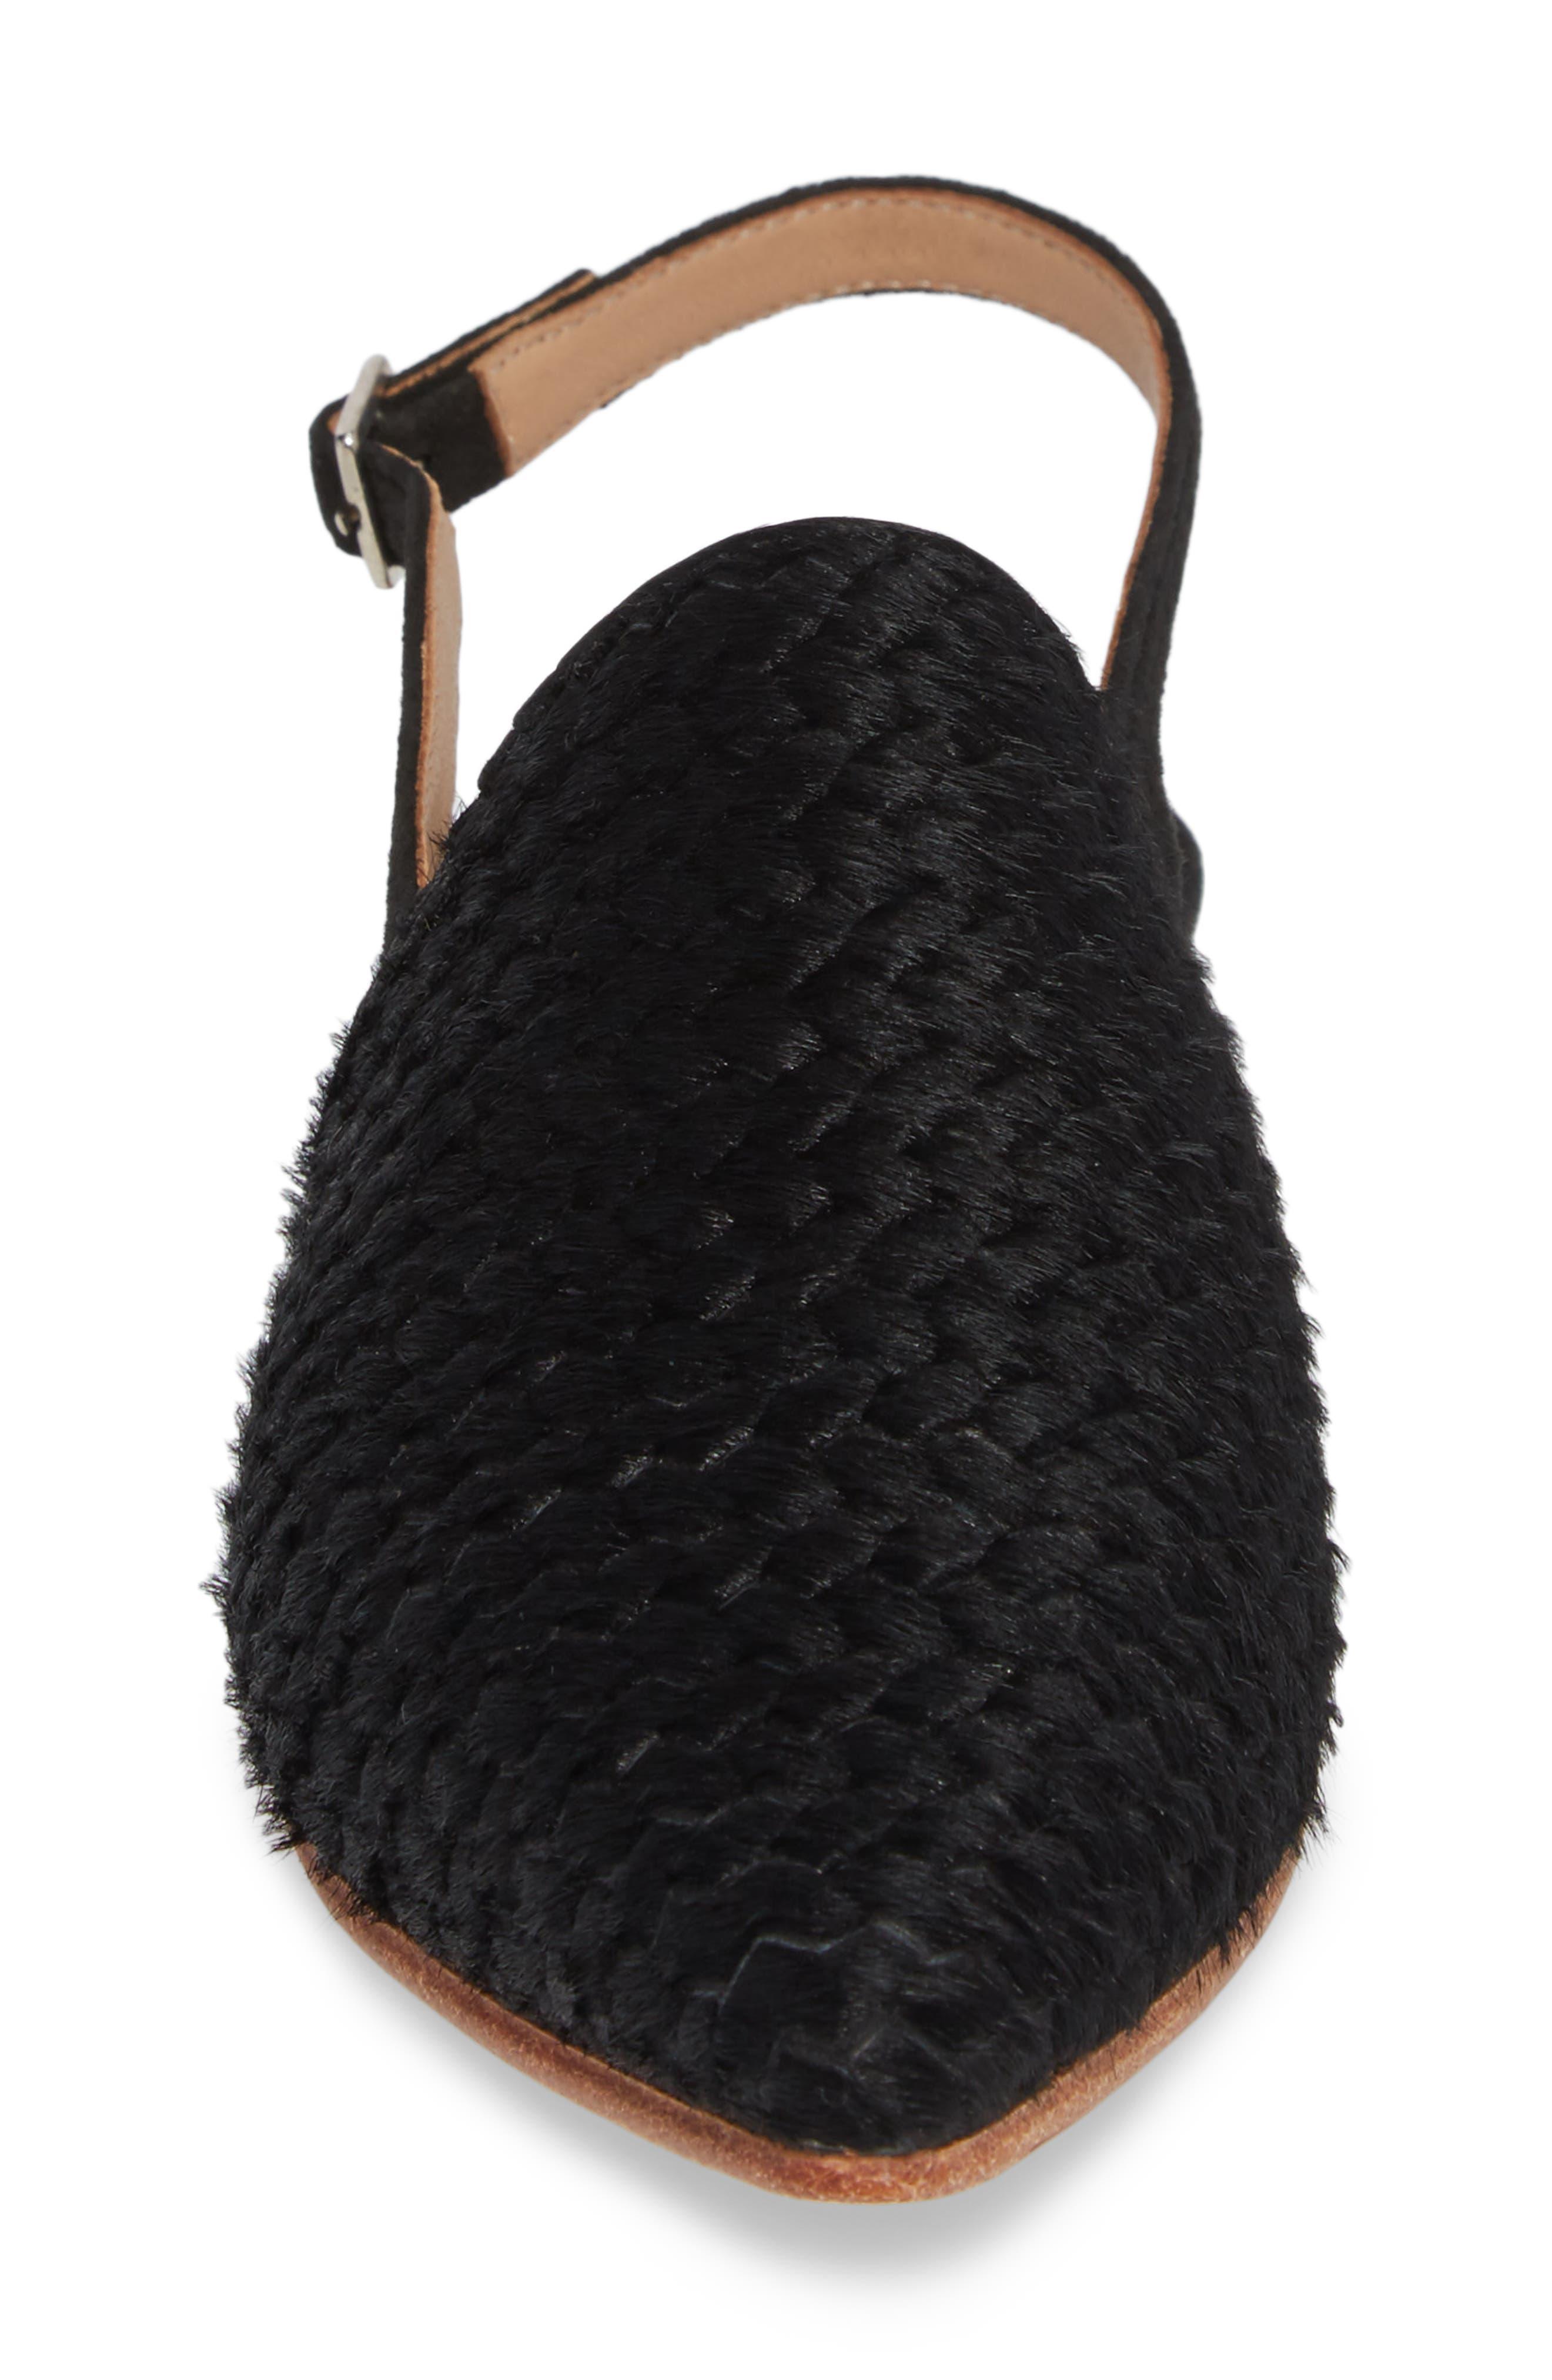 Oriana Genuine Calf Hair Flat,                             Alternate thumbnail 4, color,                             Coal Braided Calf Hair